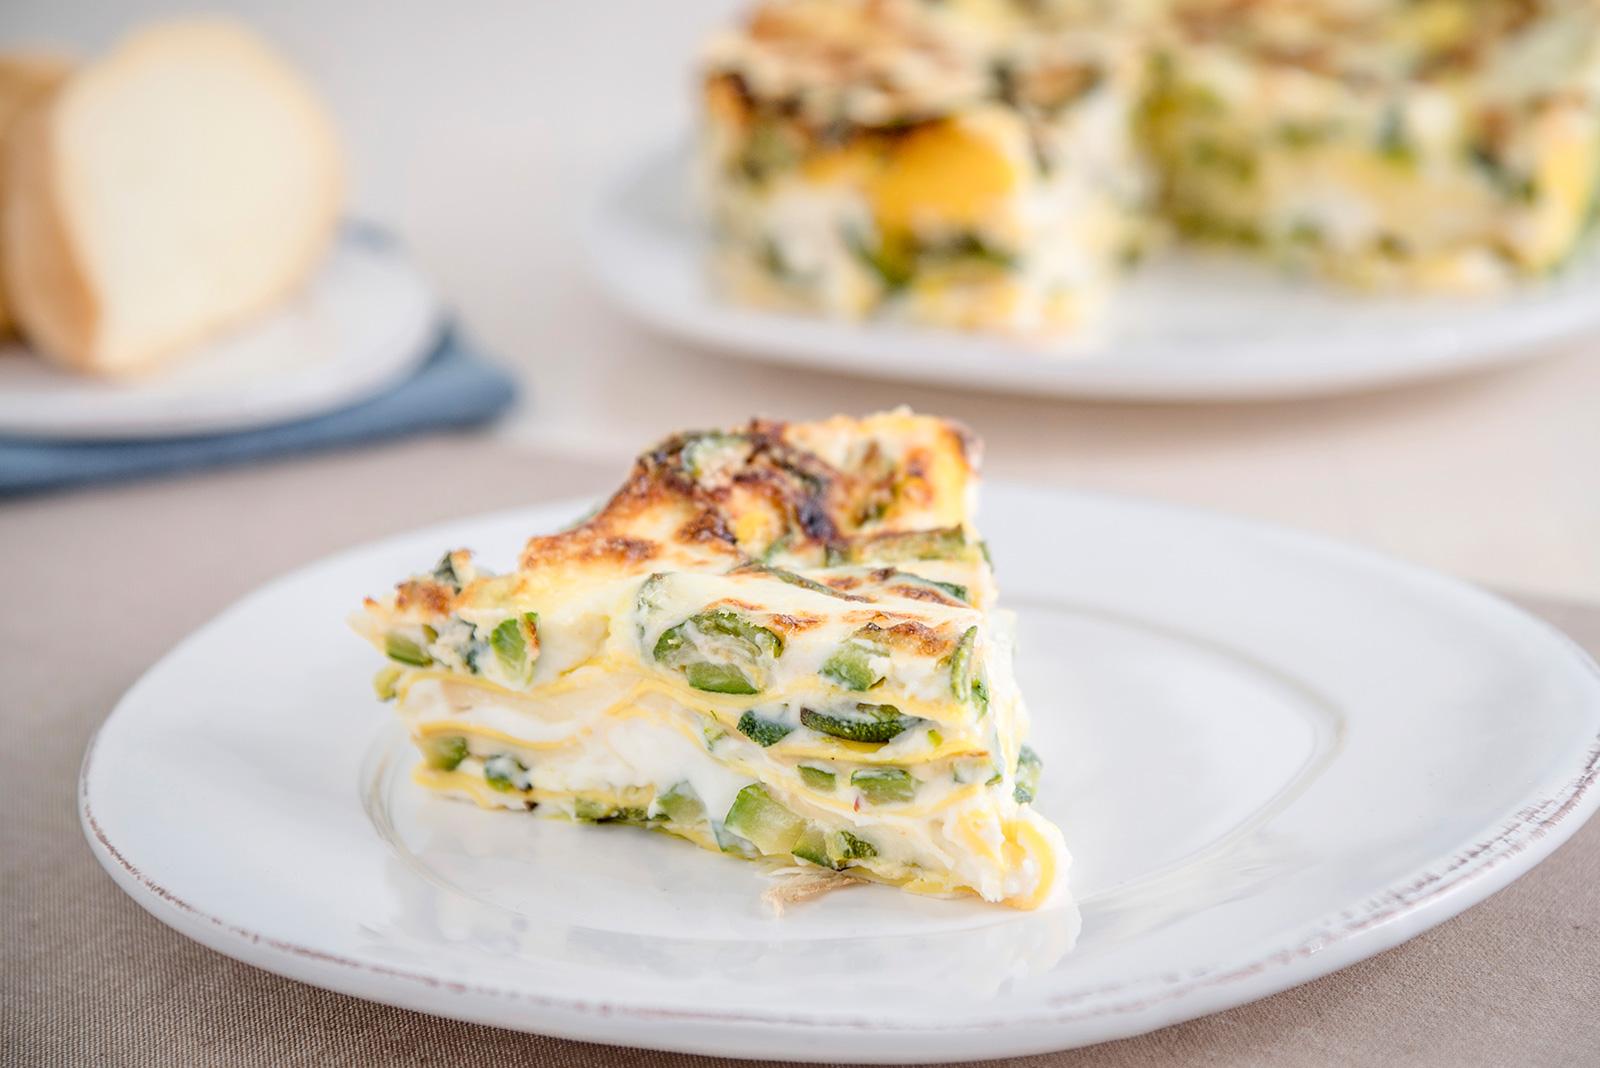 Ricetta Lasagna alle zucchine con scamorza affumicata Senza Glutine